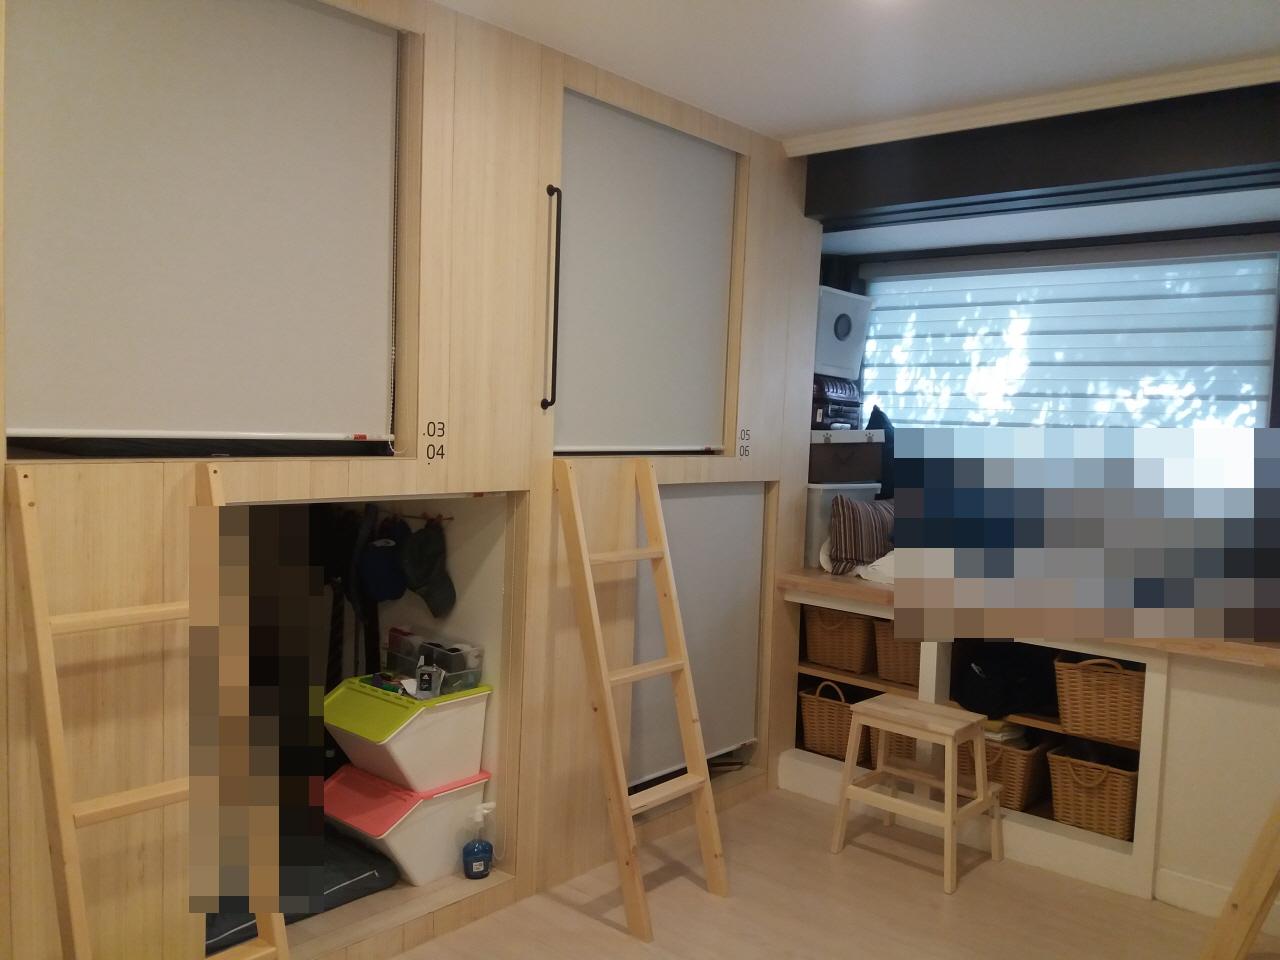 셰어하우스 8인실의 모습.